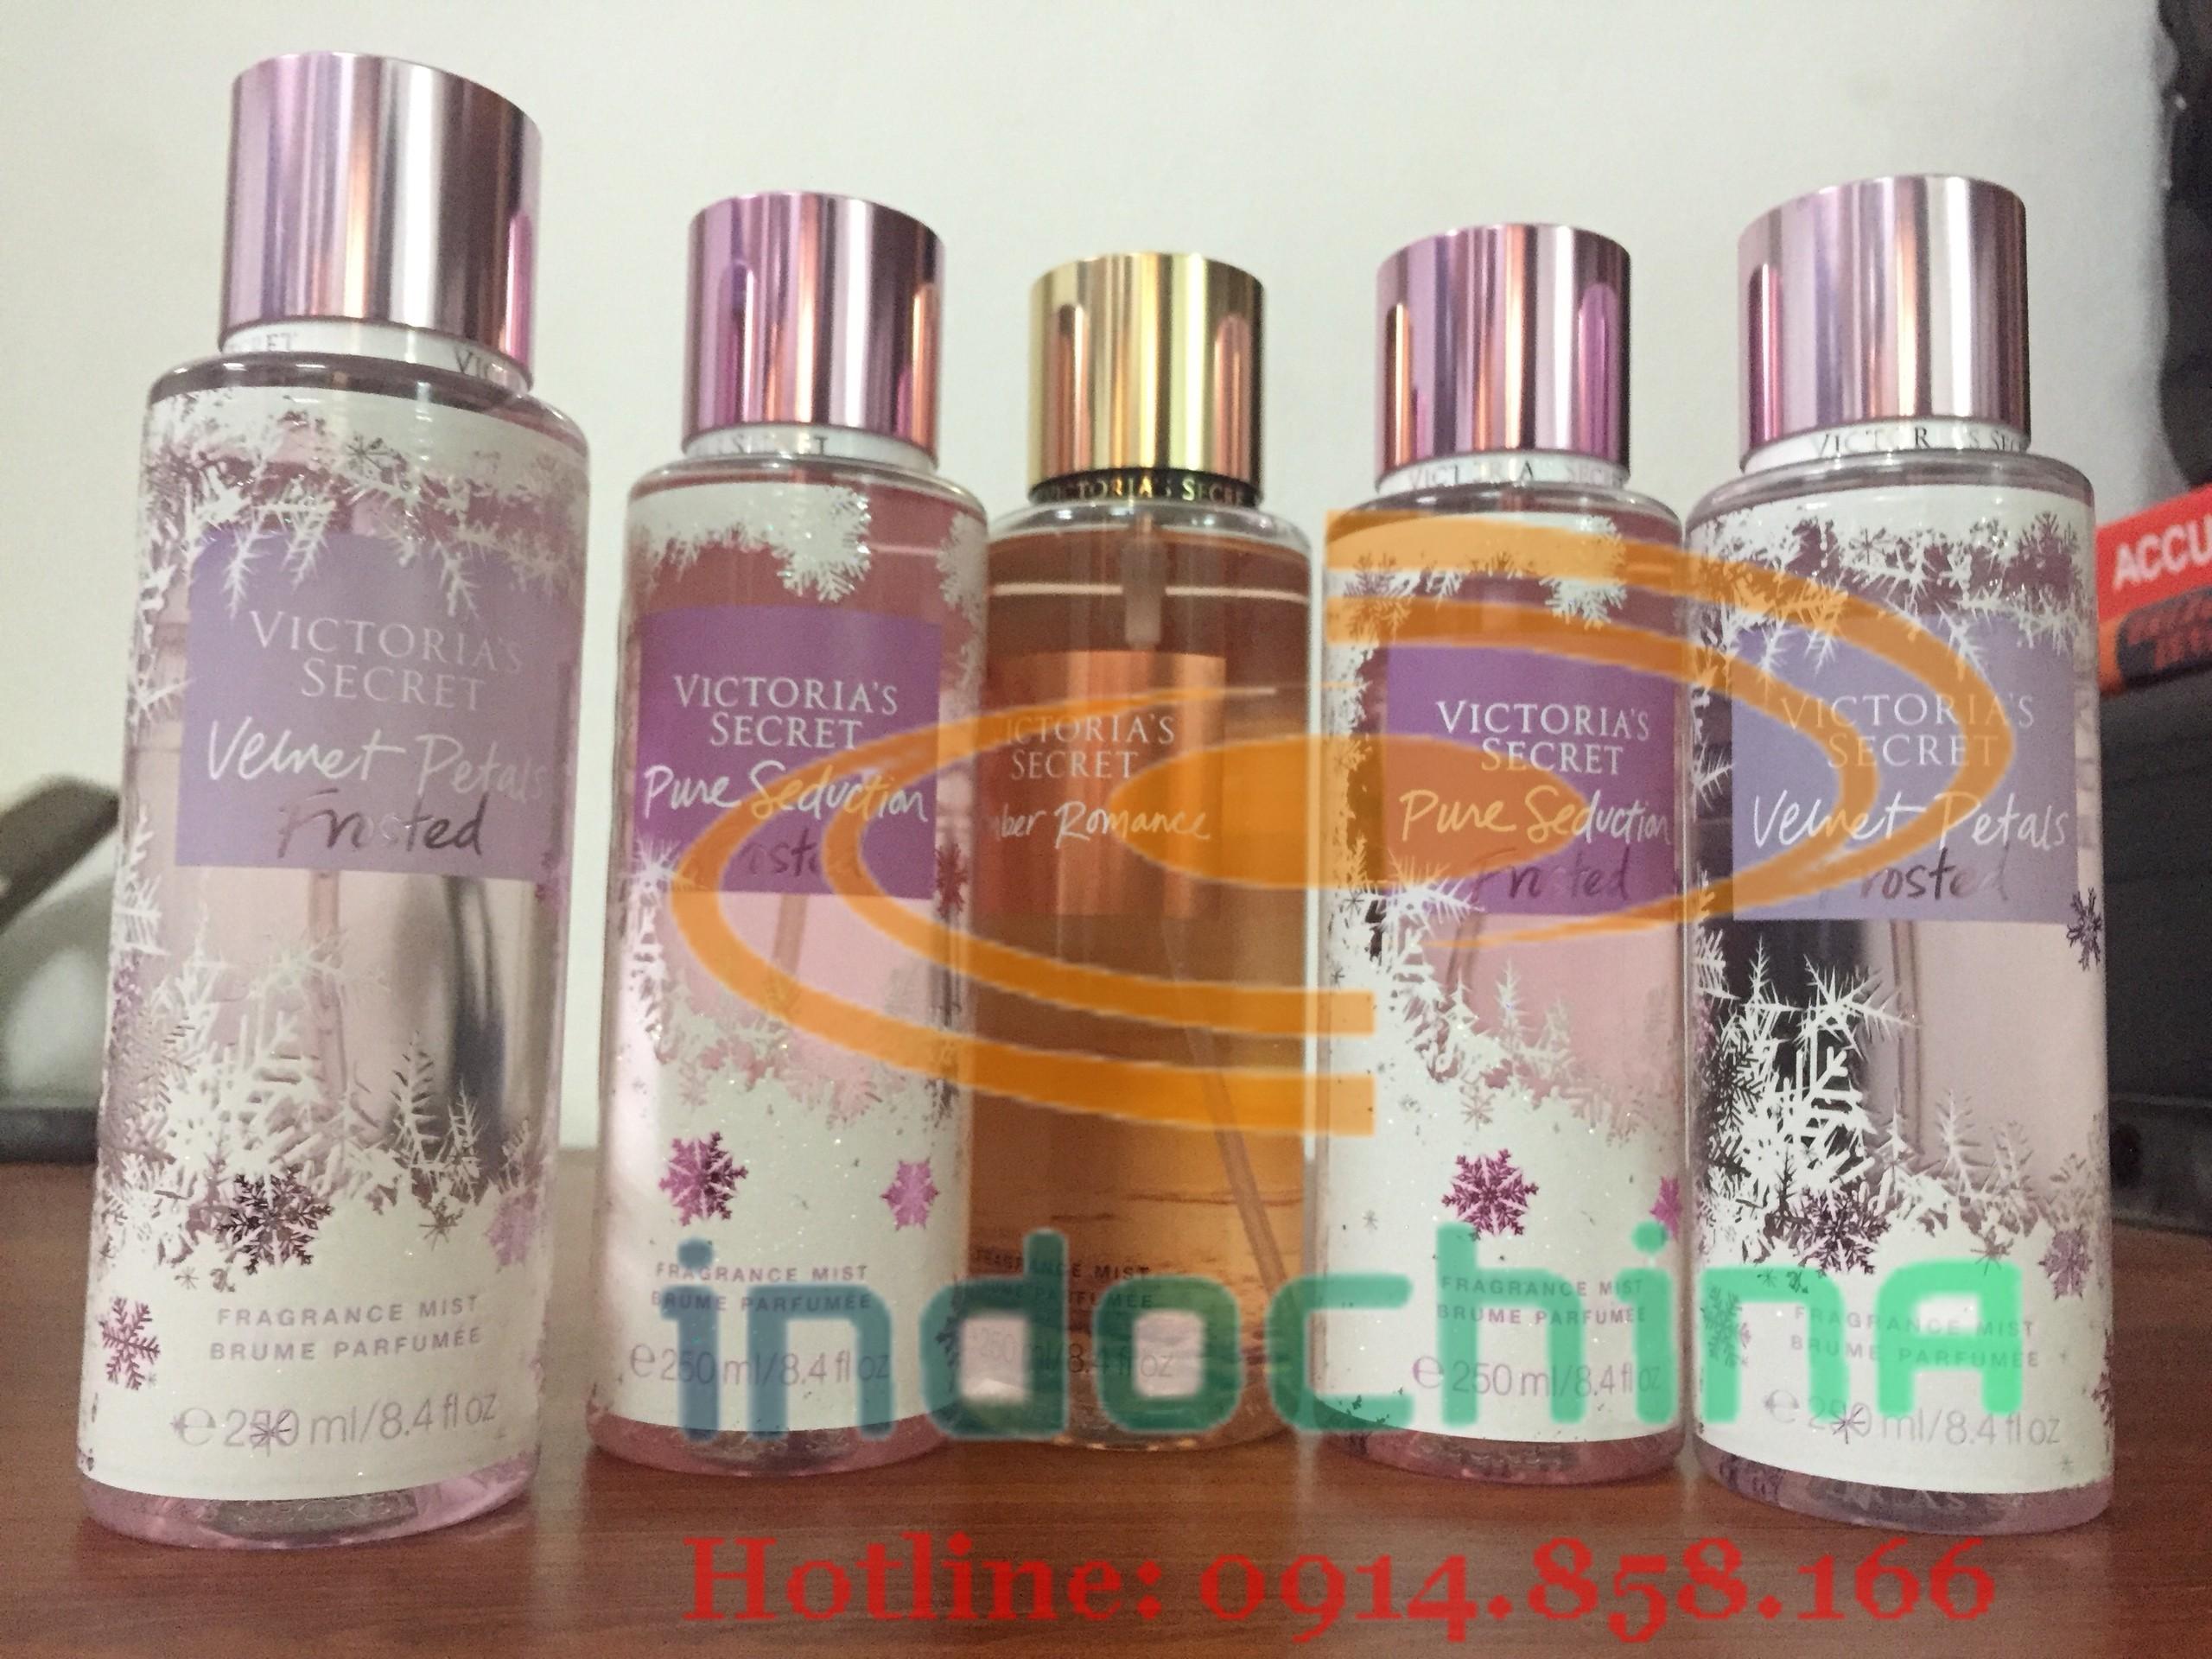 Indochina247 nhận vận chuyển hàng xách tay từ Úc